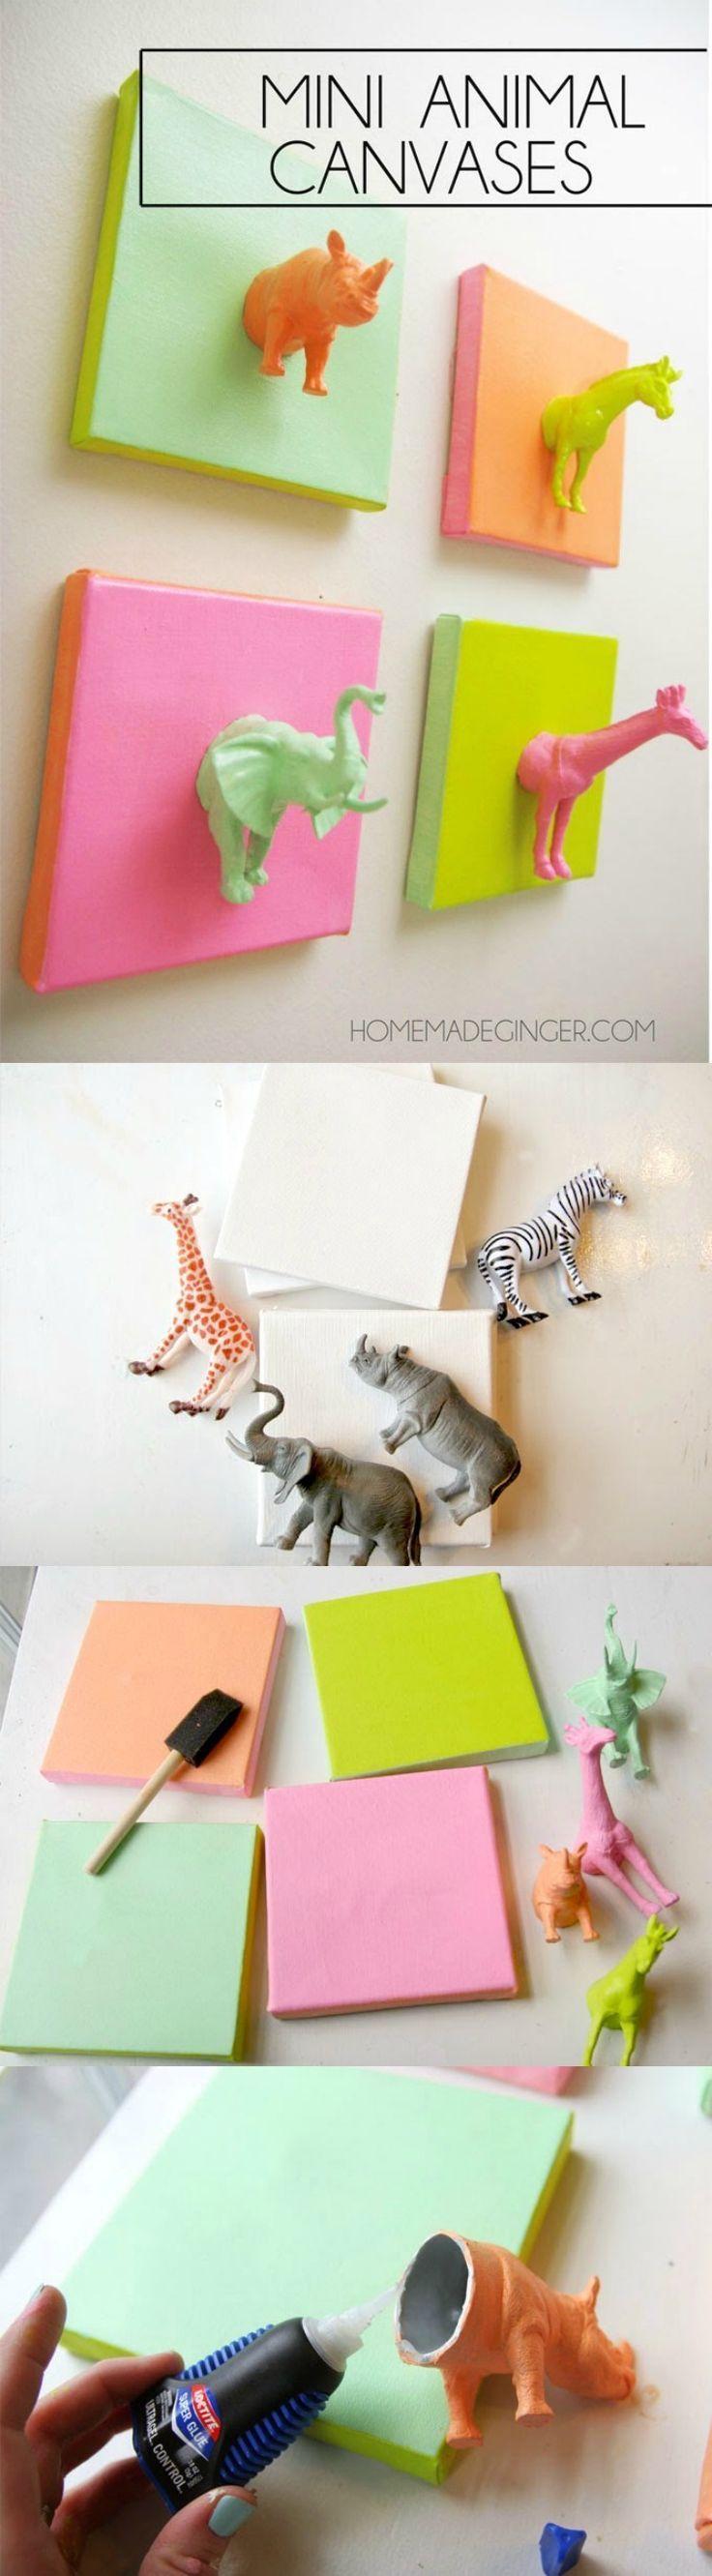 Mini Plastic Animals DIY Canvas Art